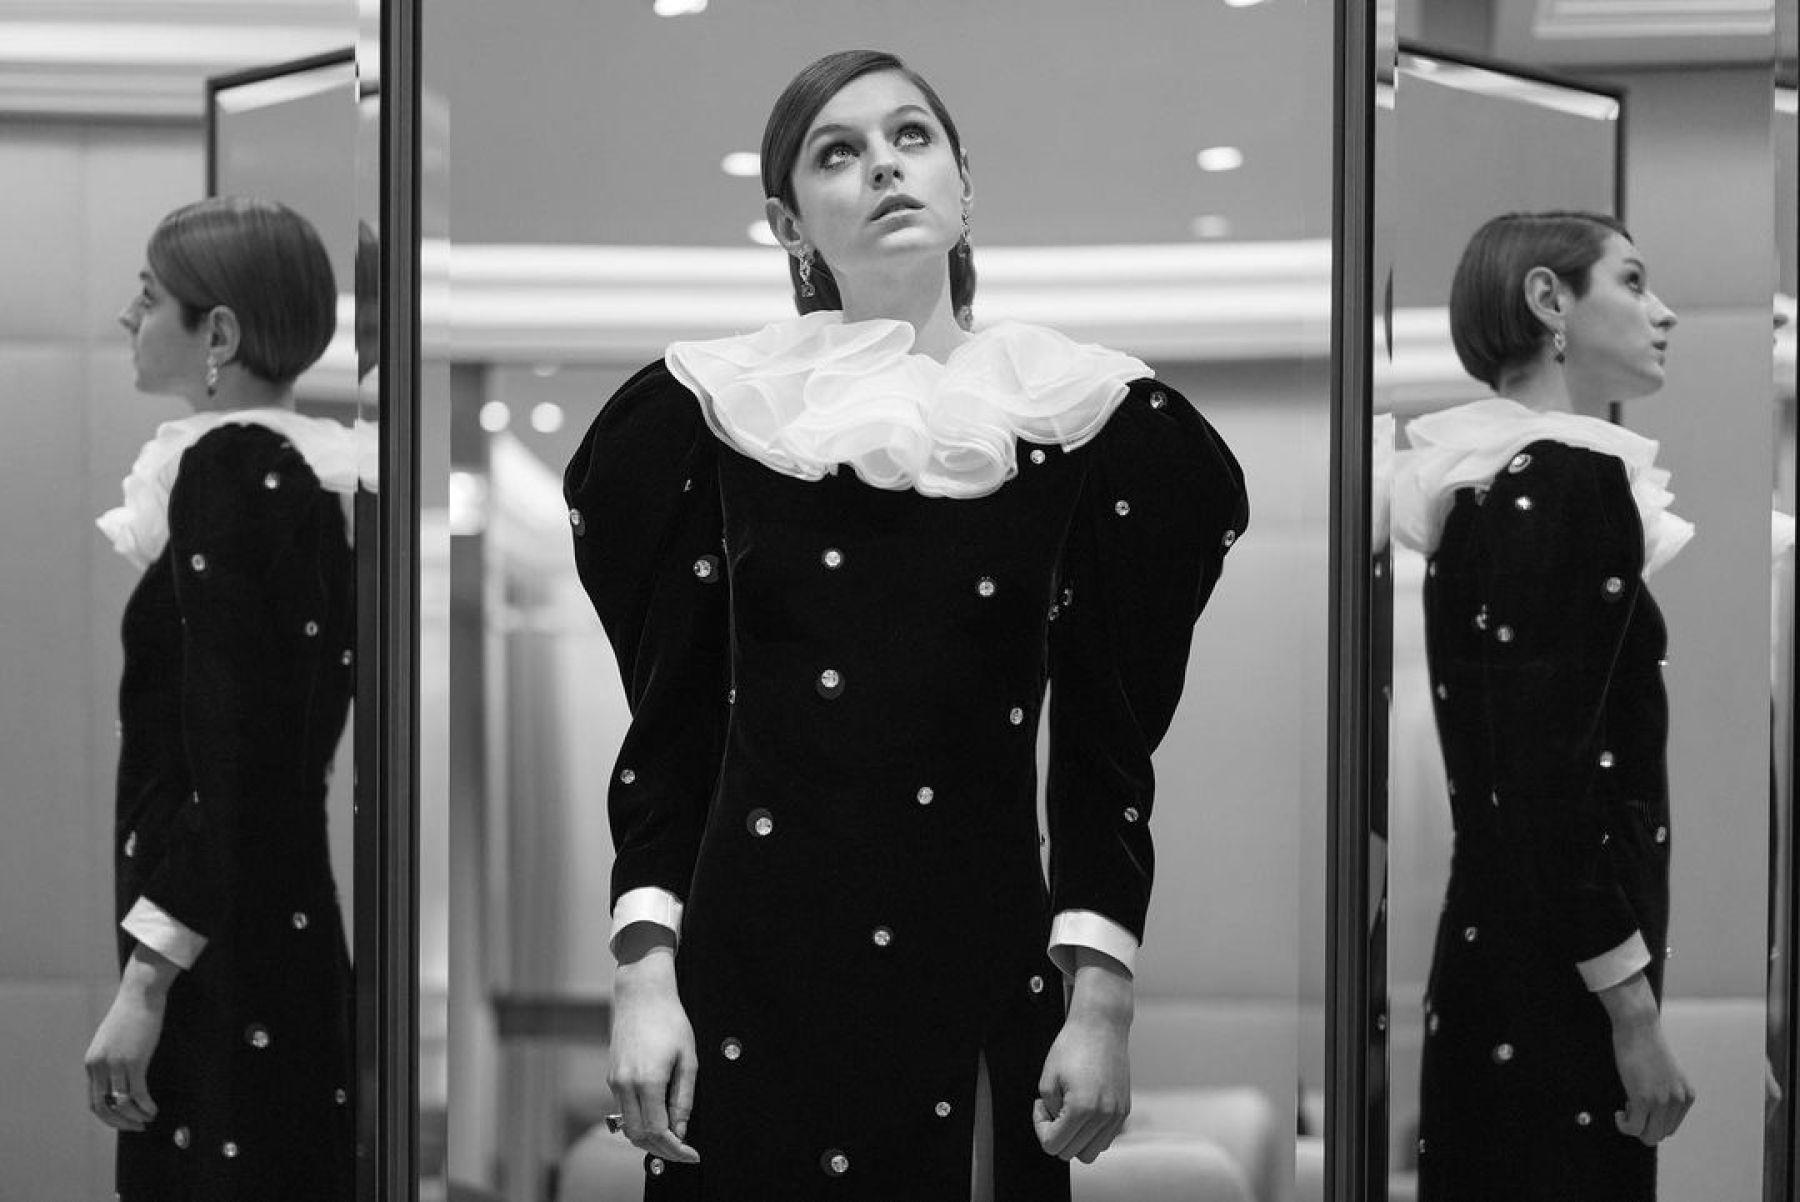 Emma Corrin sortea para fines benéficos el vestido Miu Miu que usó en los Golden Globes 2021